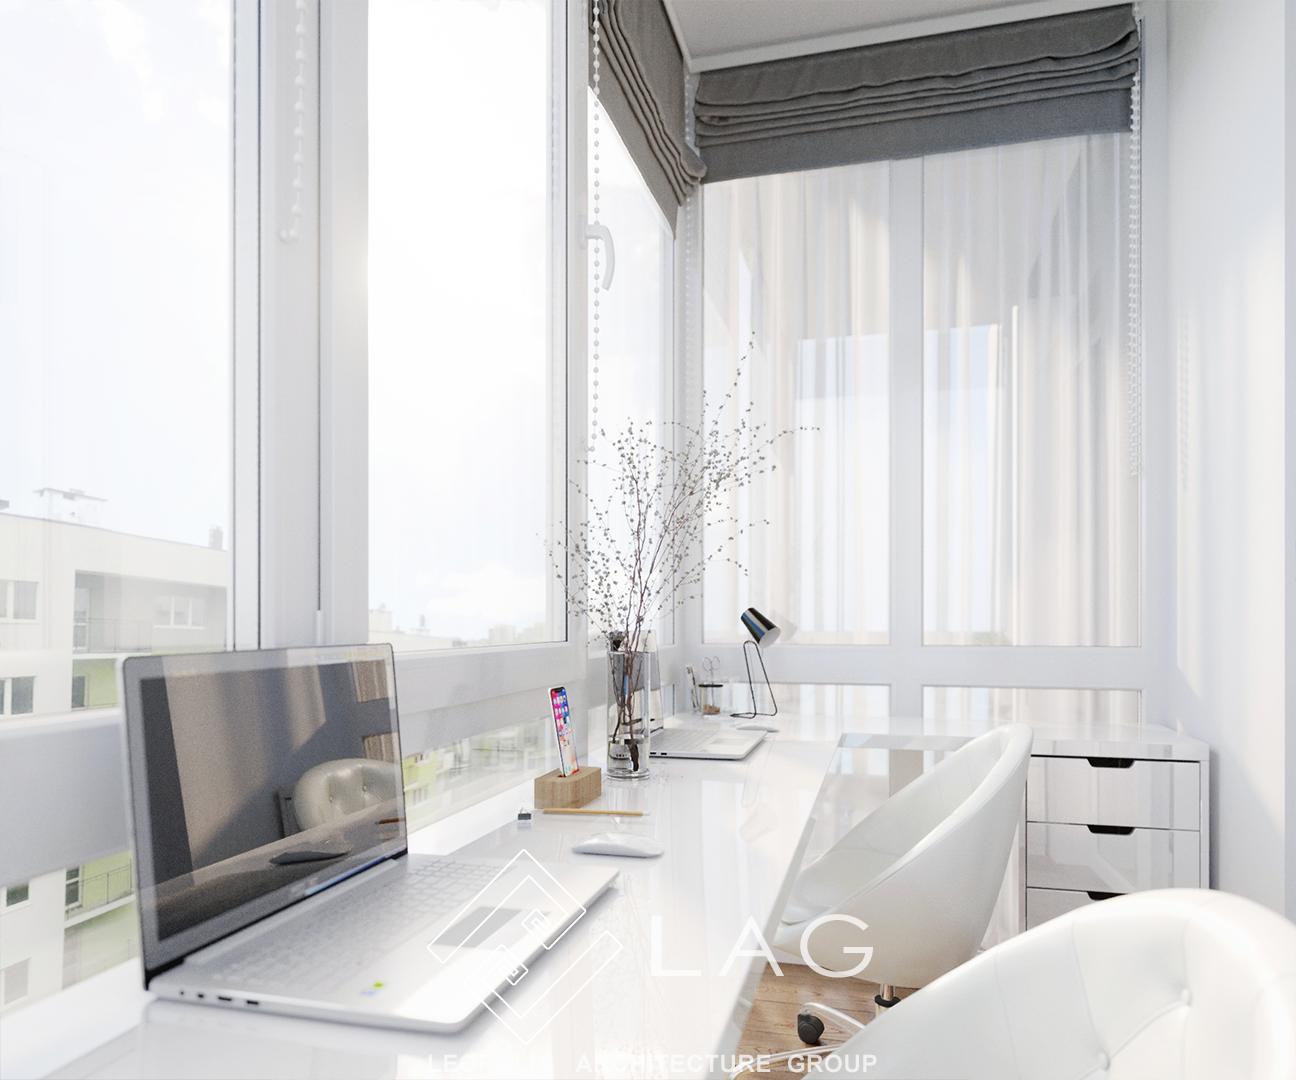 дизайн інтер'єру робочого простору